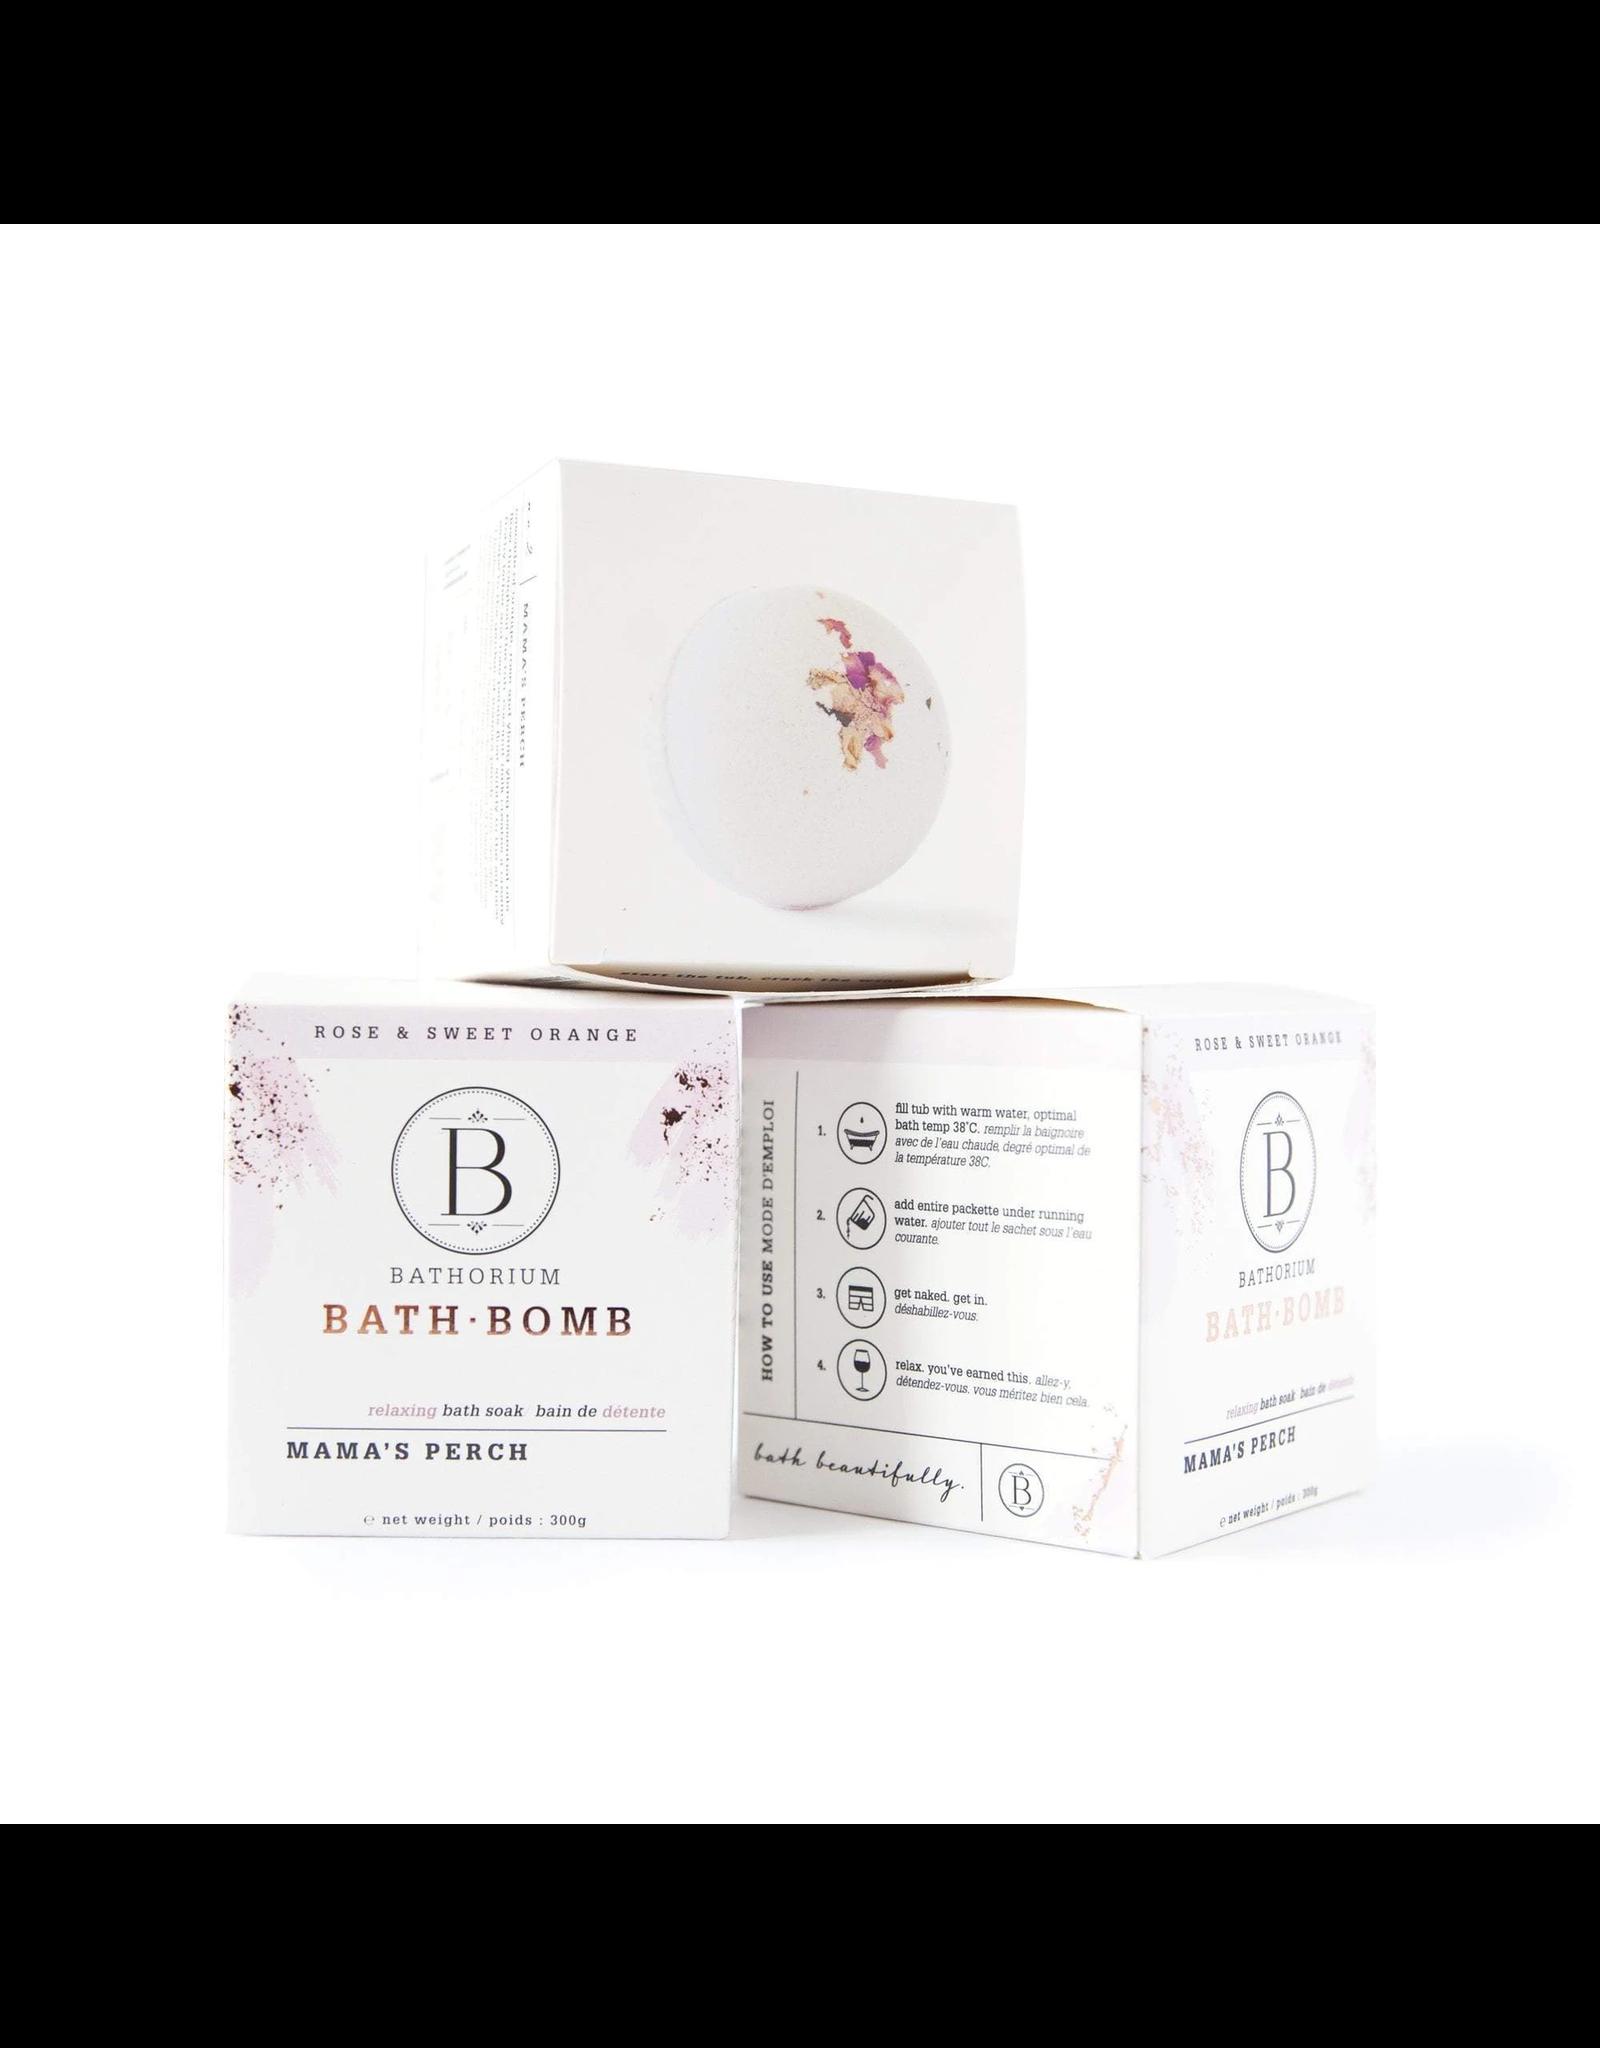 Bathorium Bath Bomb - Mama's Perch